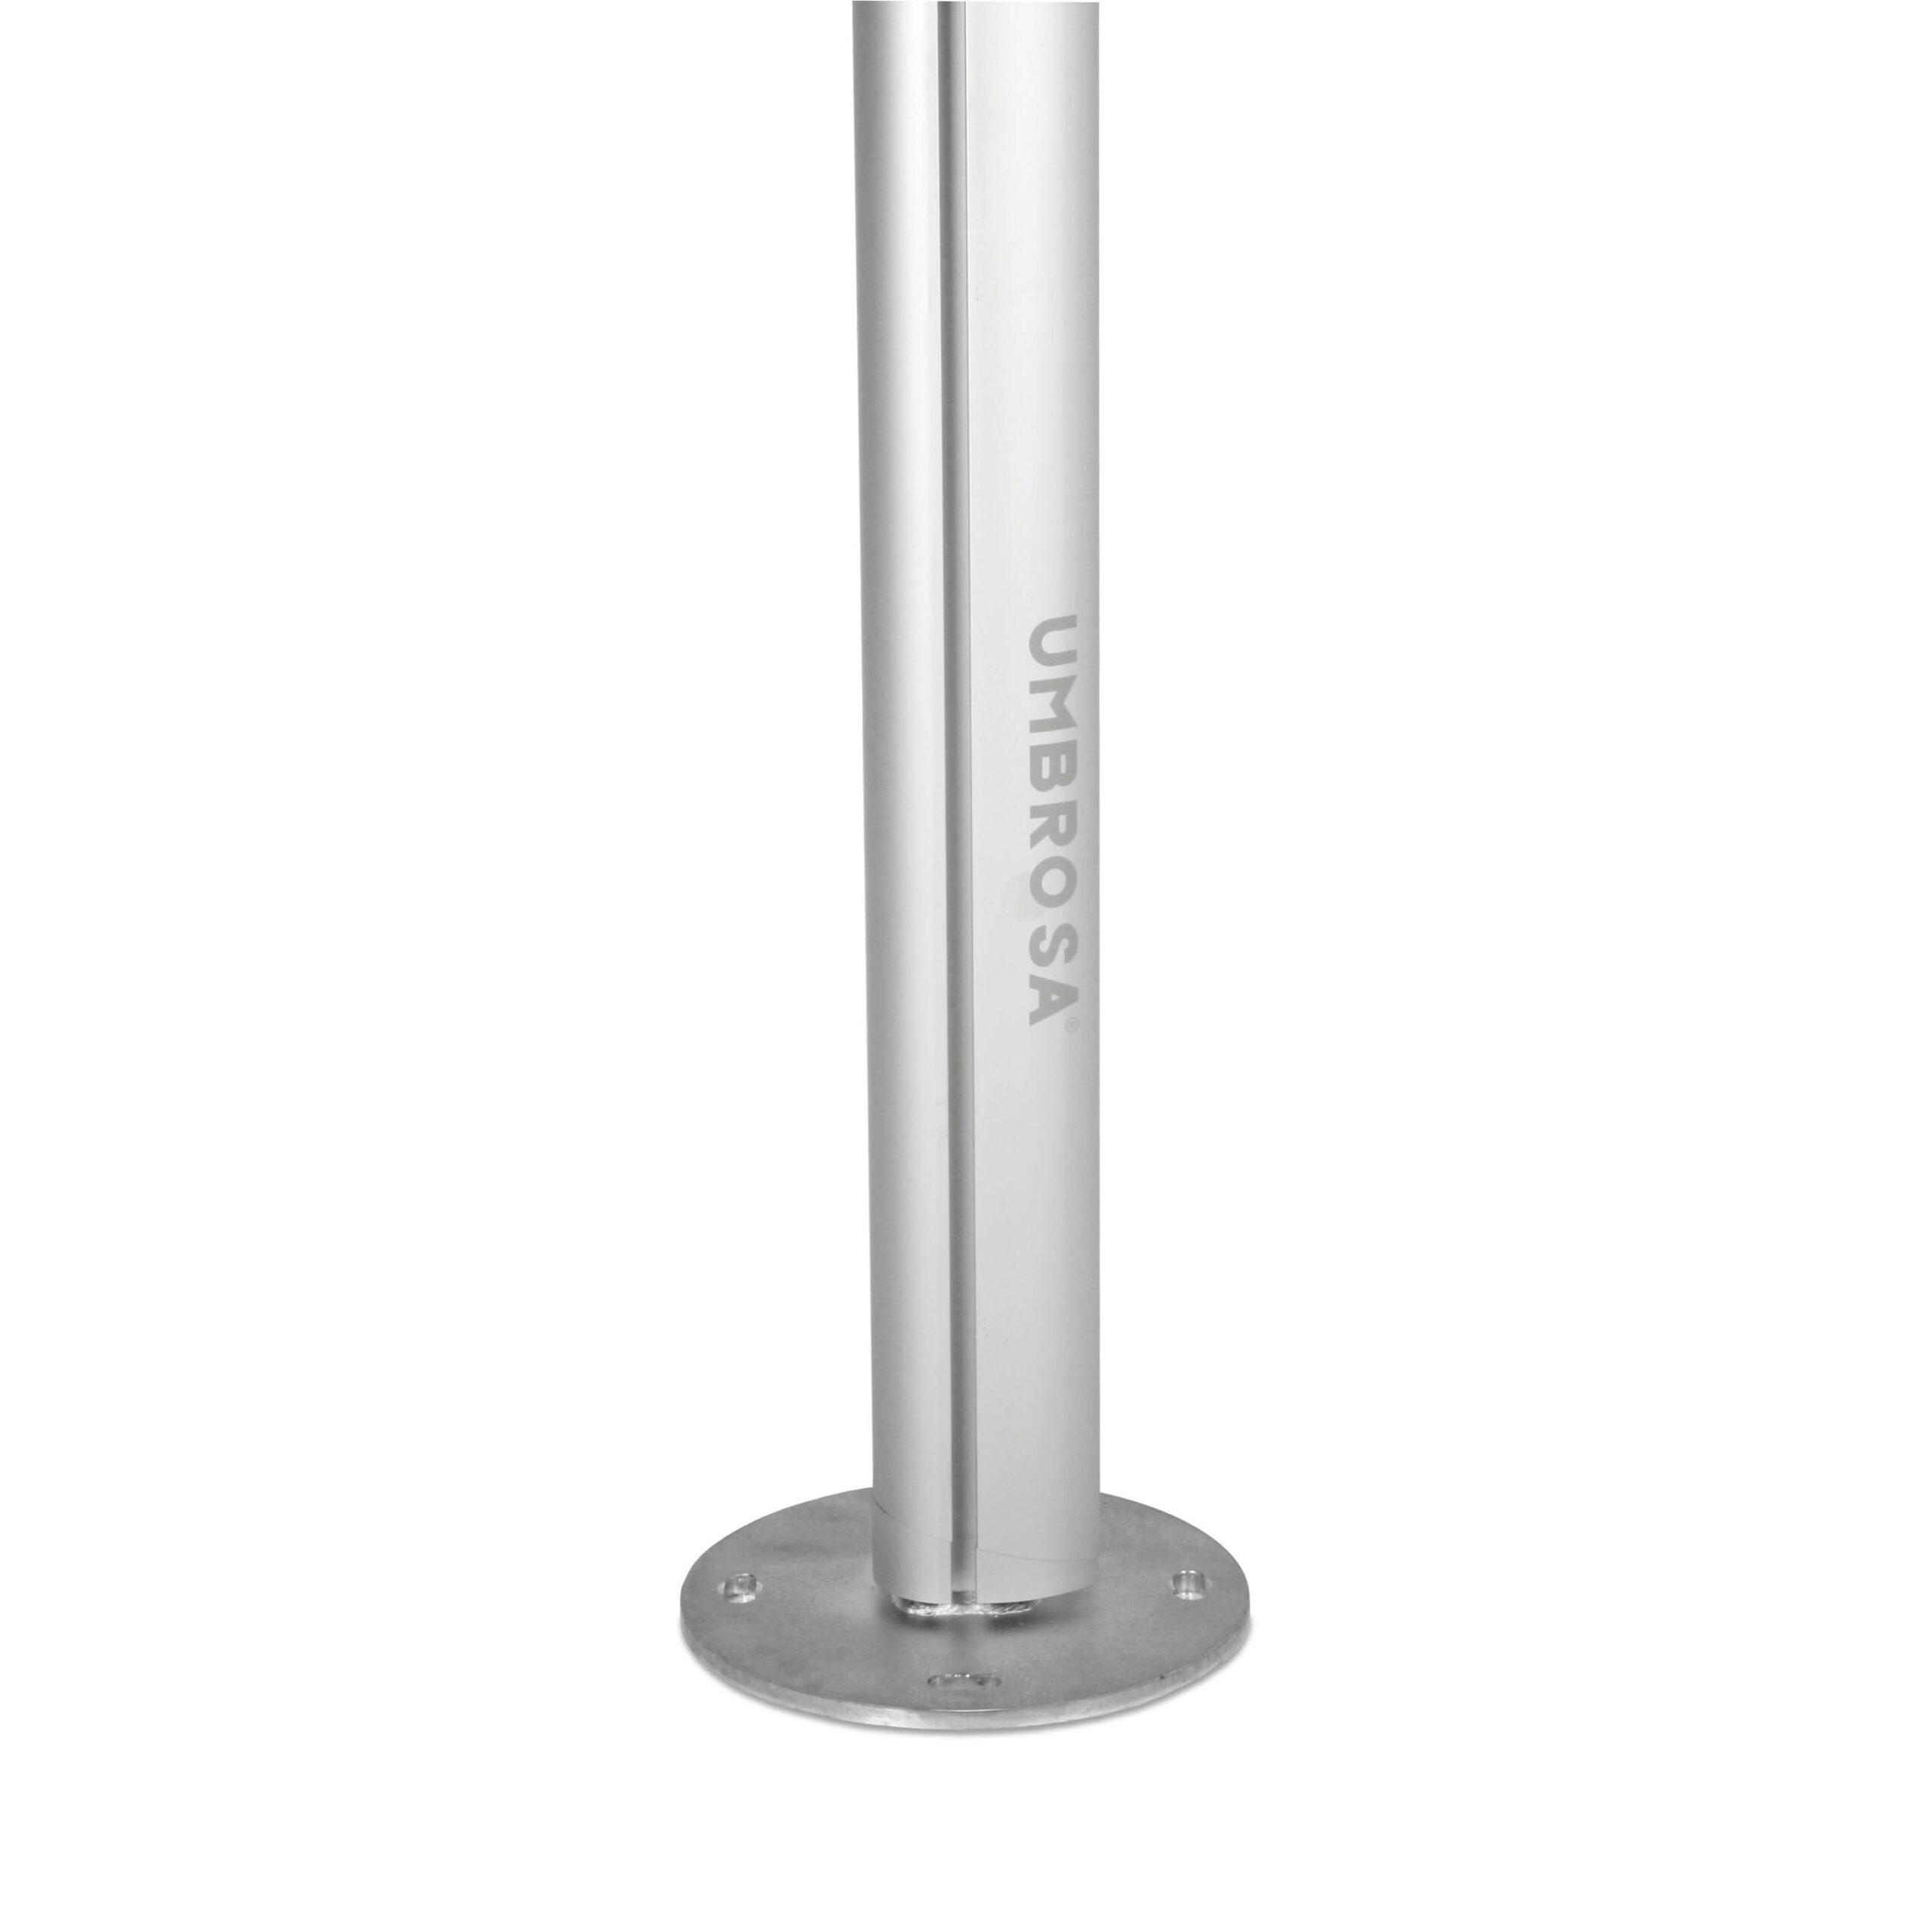 Umbrosa-stolpe monterad i 90 grader med ett fäste.